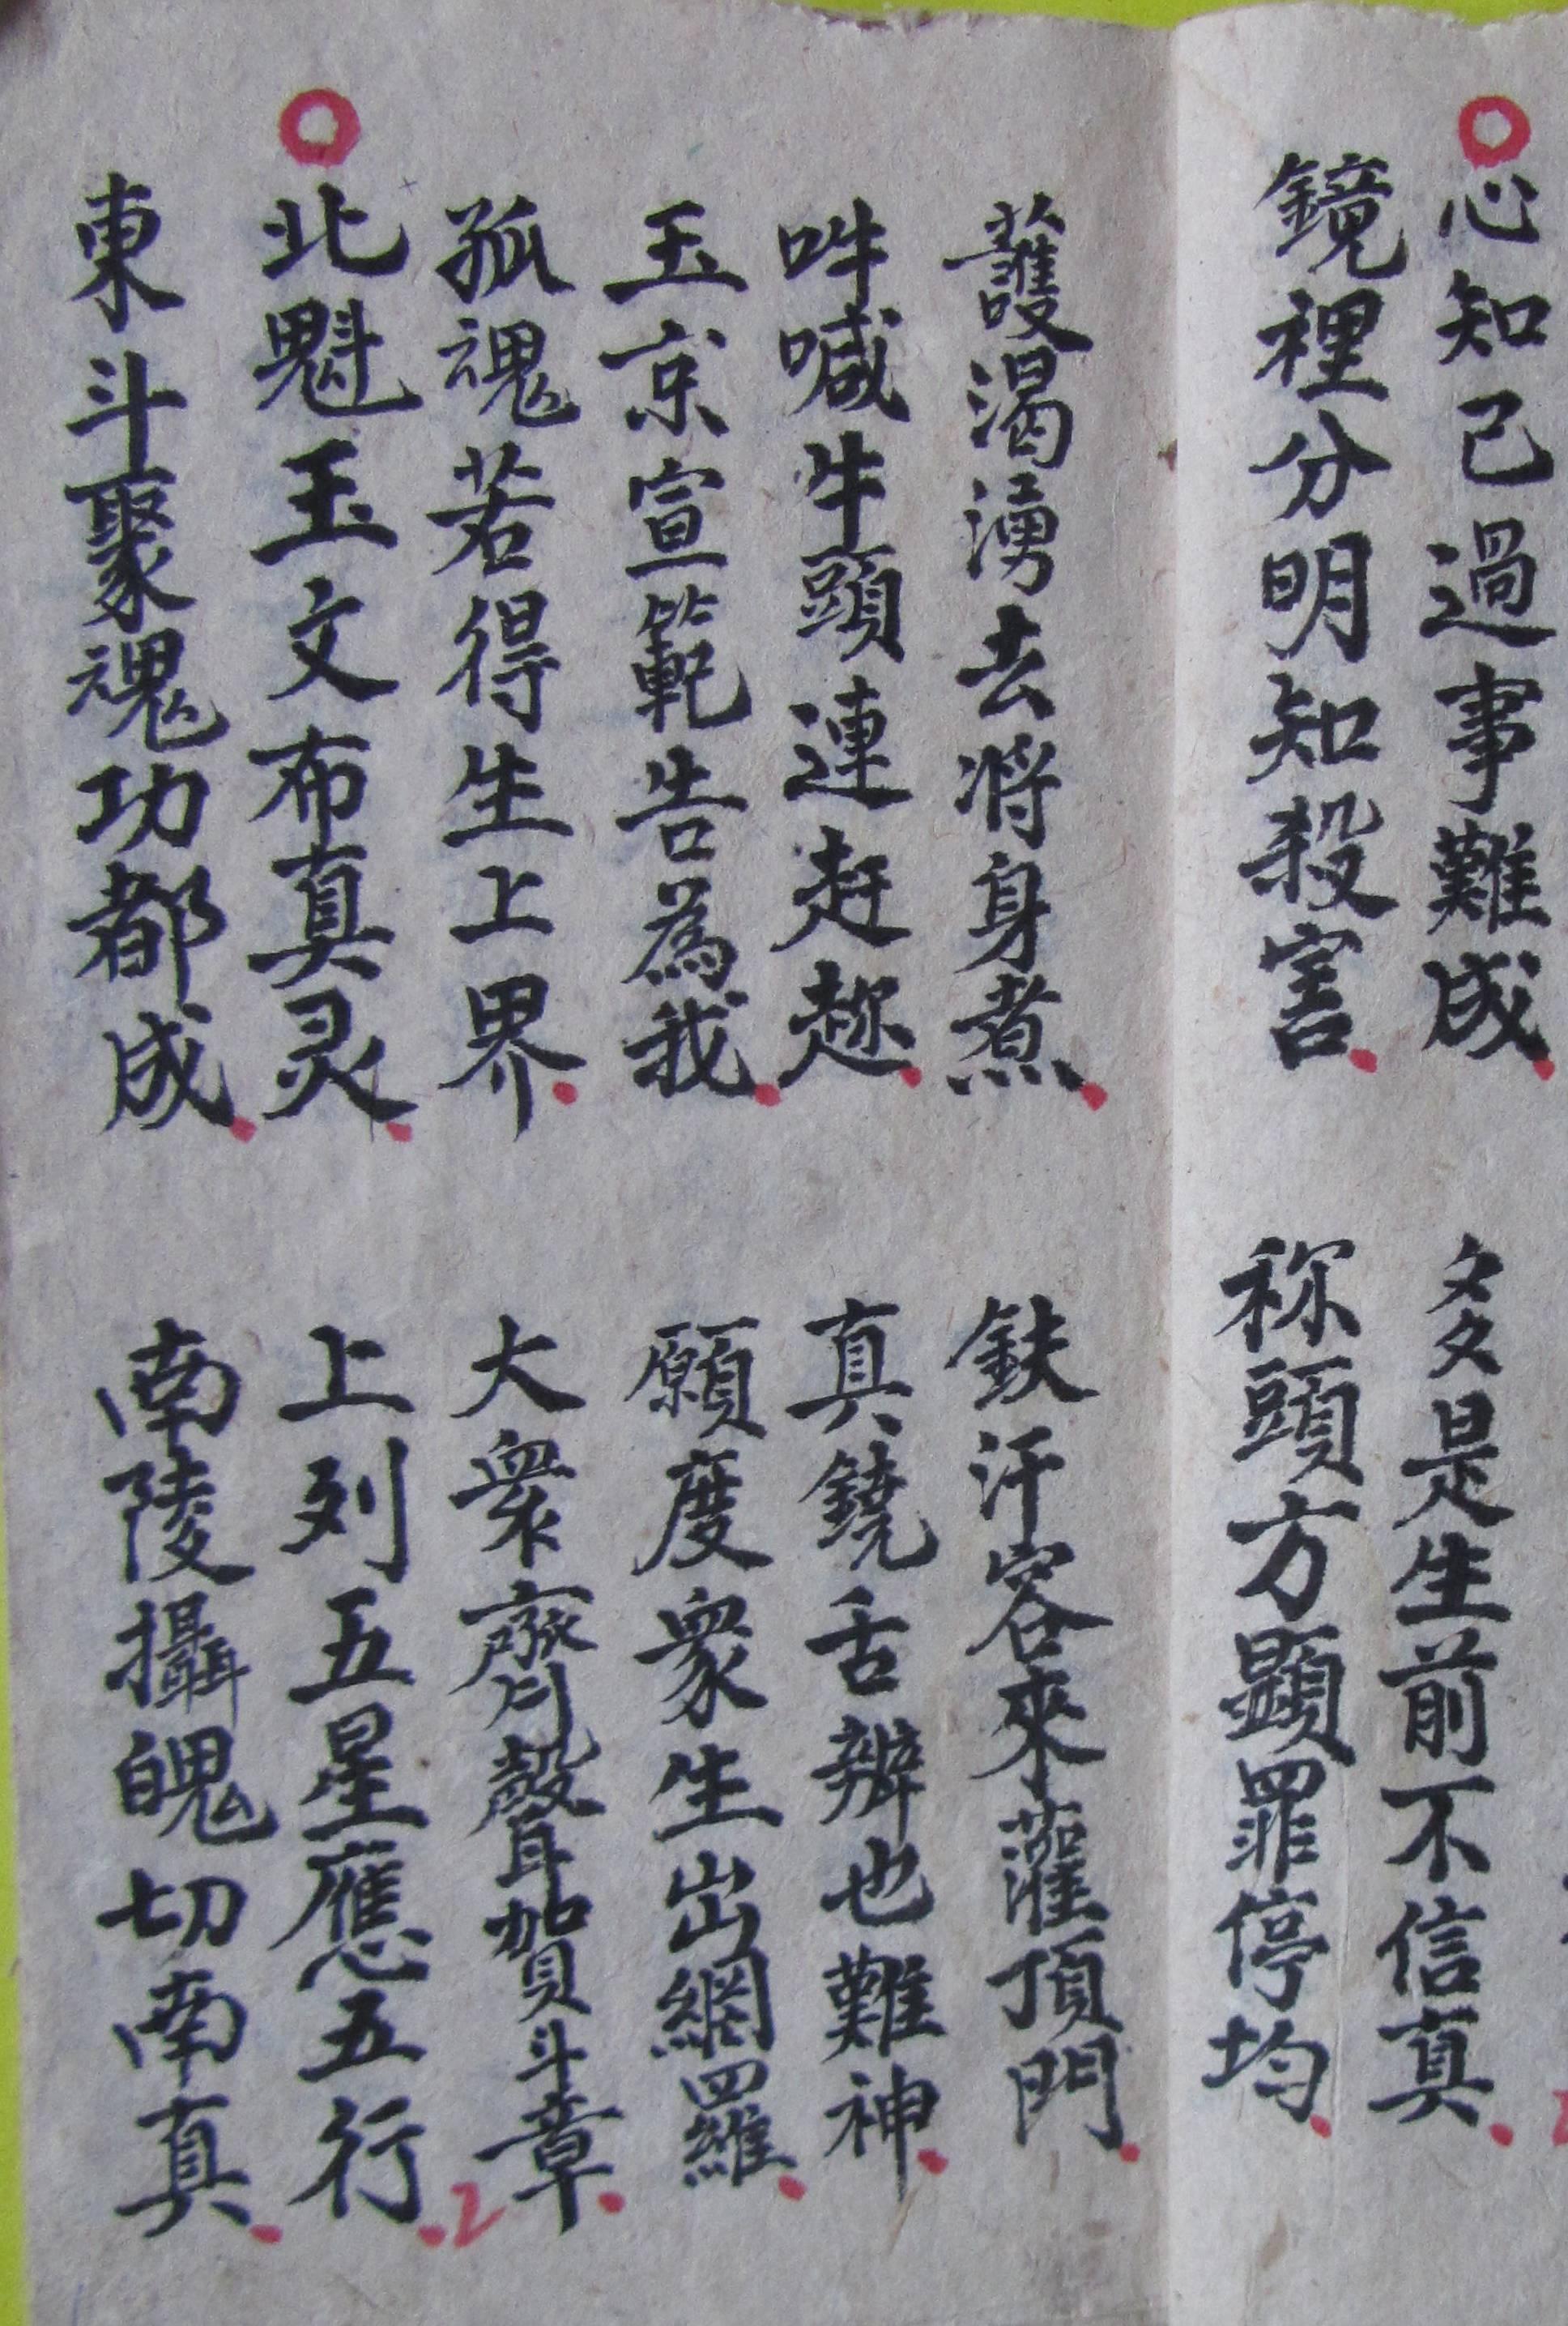 xinzhi-jiguo